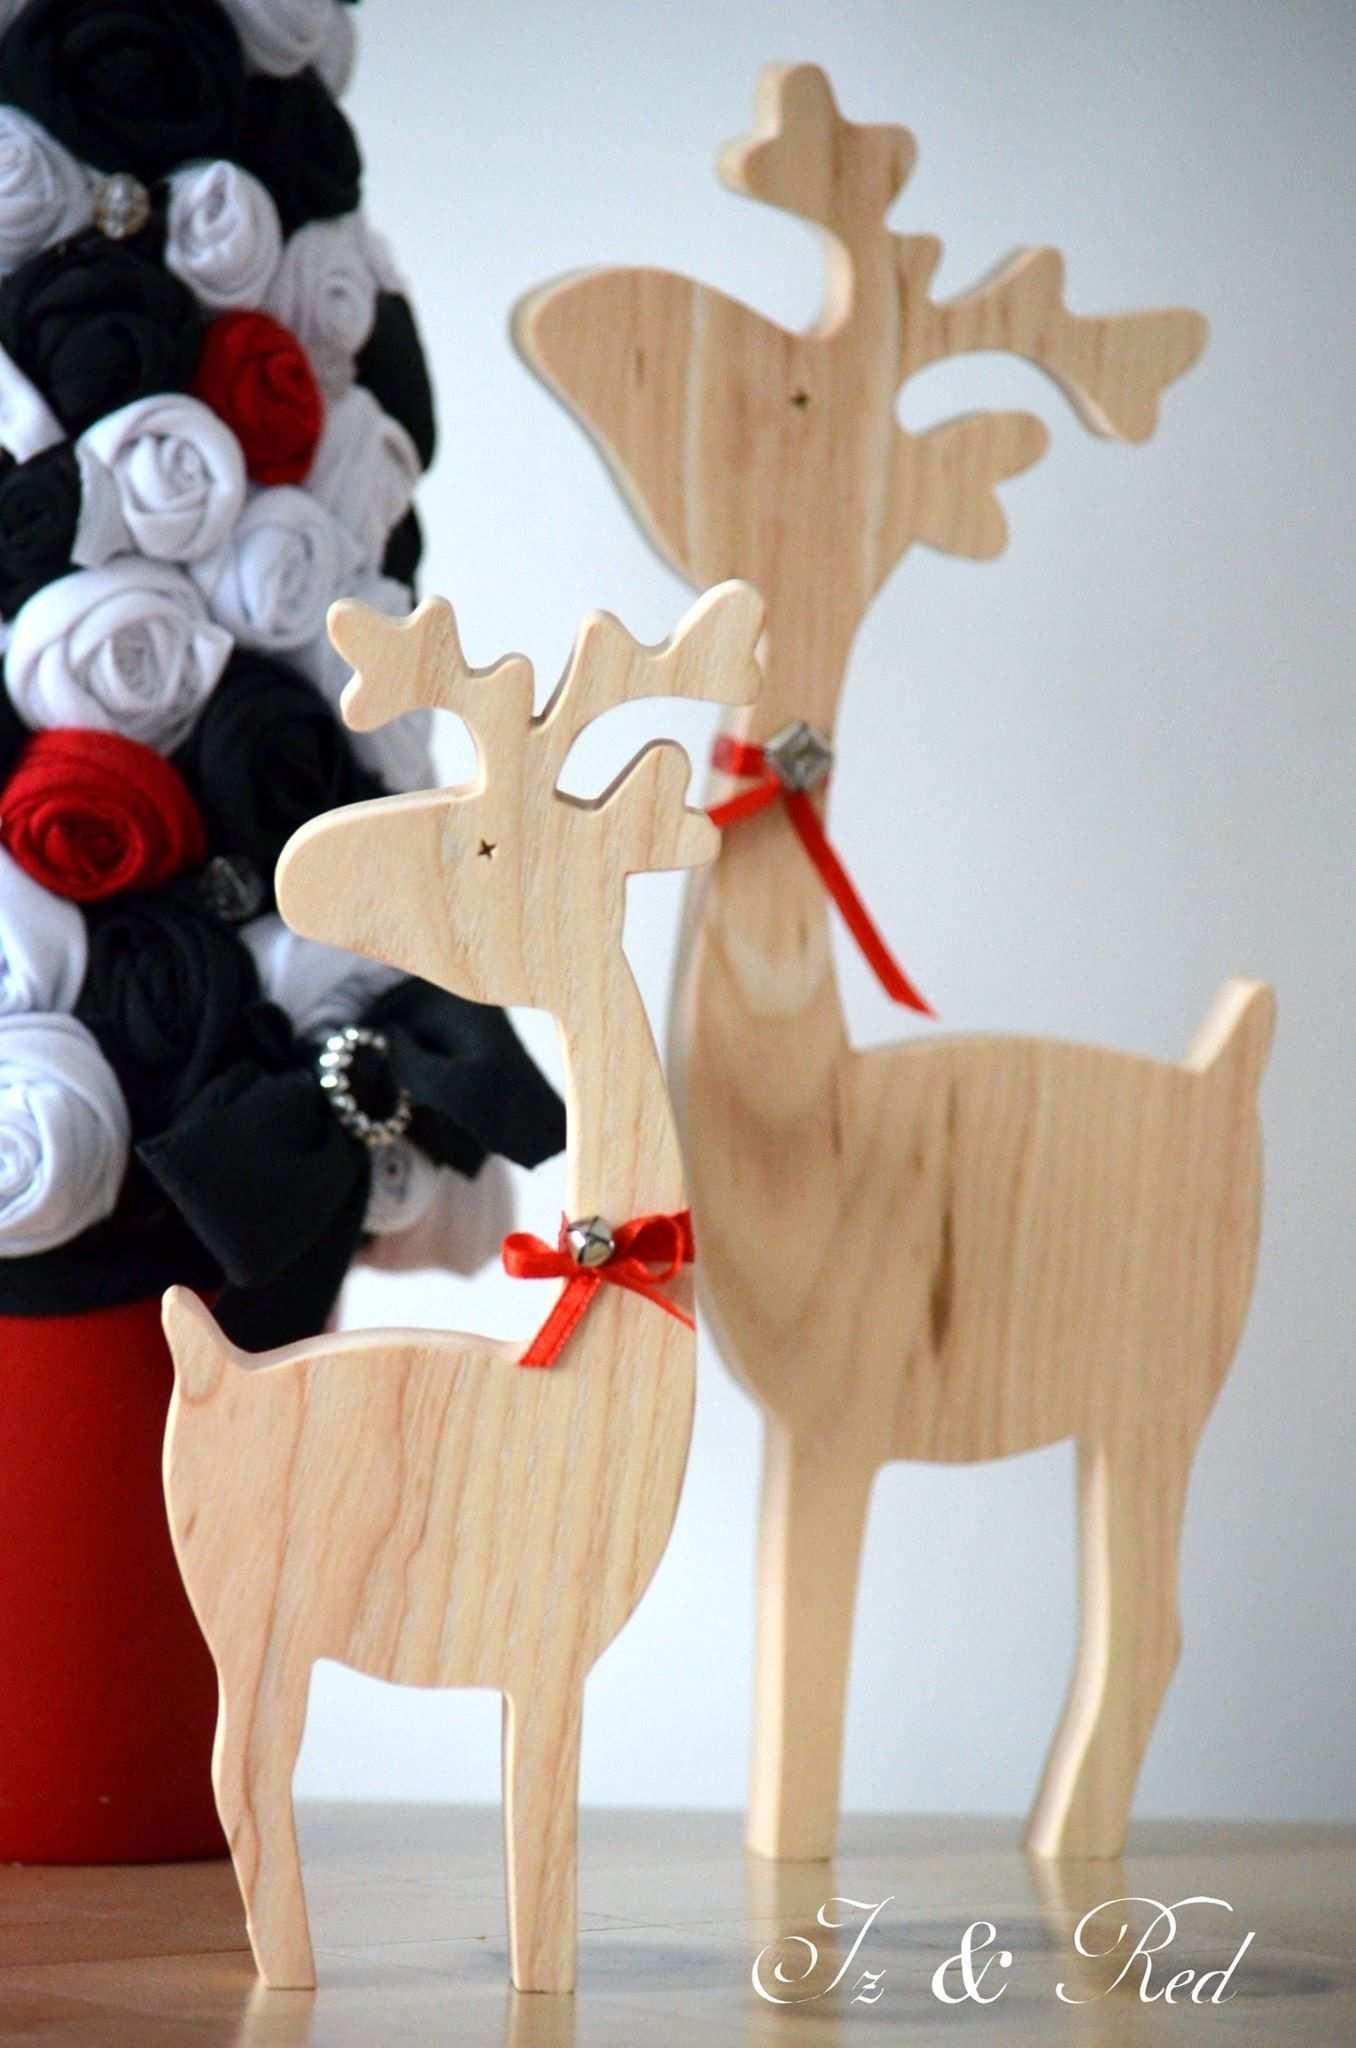 610557830d1ffa0a98e0ea56618dcc9a Jpg Jpeg Image 1356 2048 Pixels Scaled 32 Holz Basteln Weihnachten Deko Holz Weihnachten Weihnachten Holz